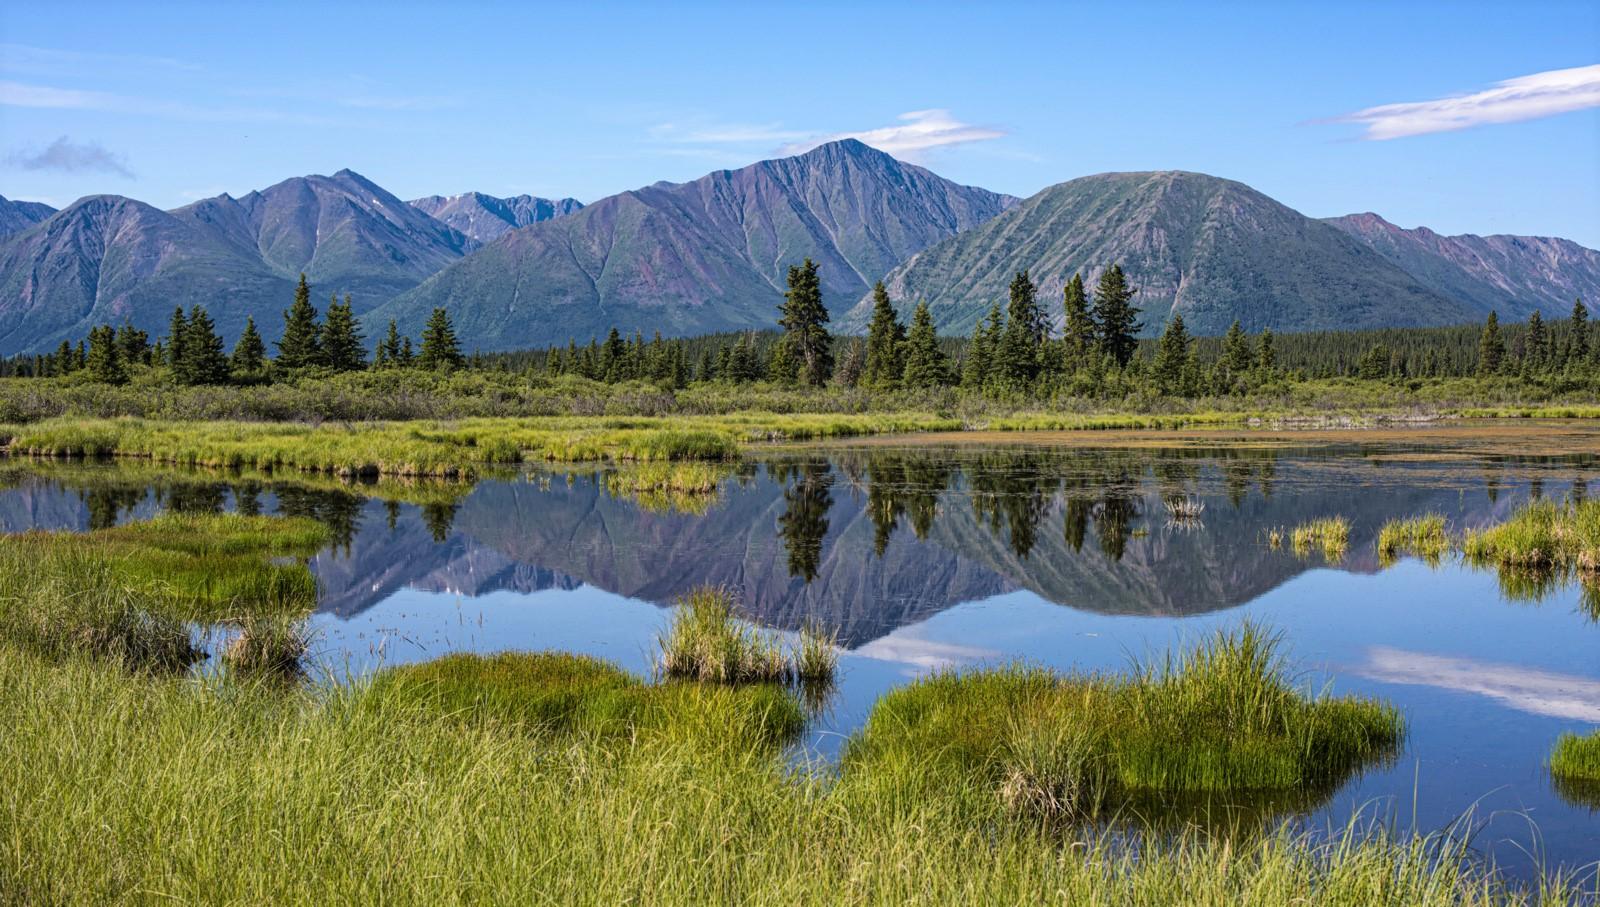 ユーコンの自然を独り占めにできる、貸し切りのキャンプ場に3連泊!